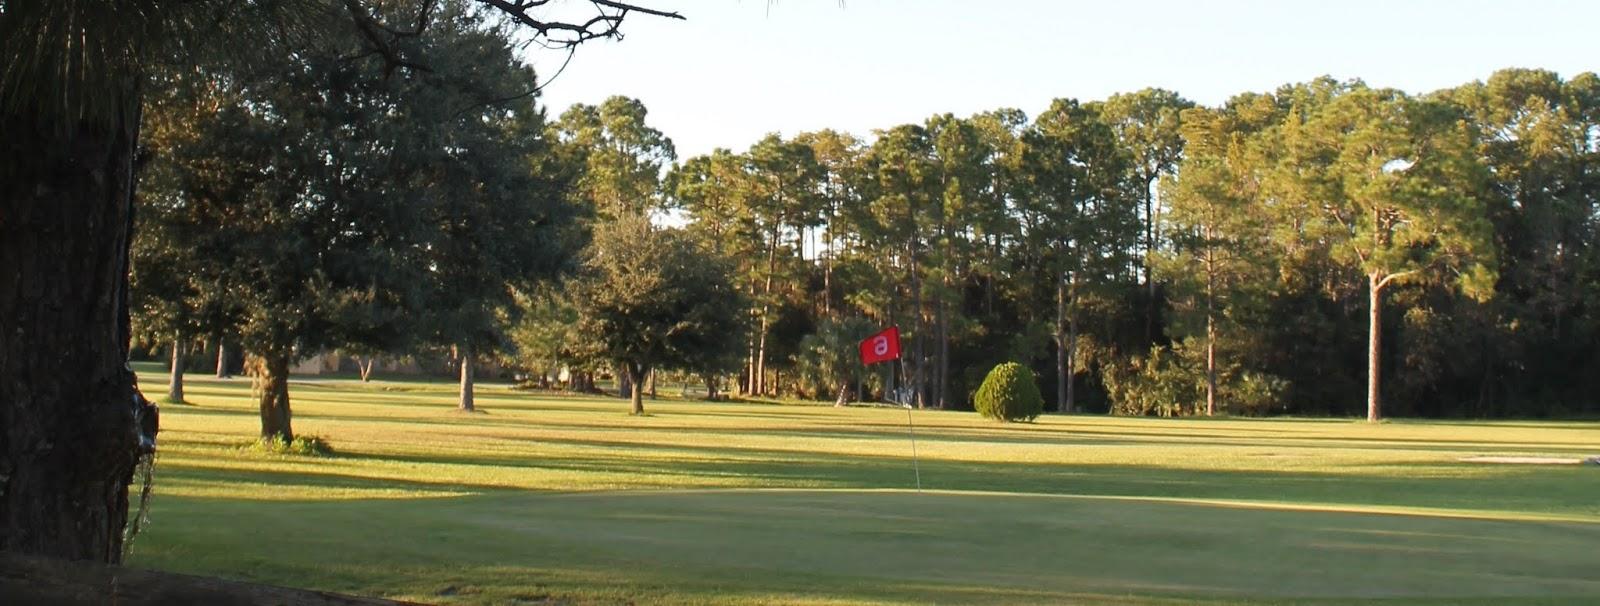 Campo de golf en Osteen